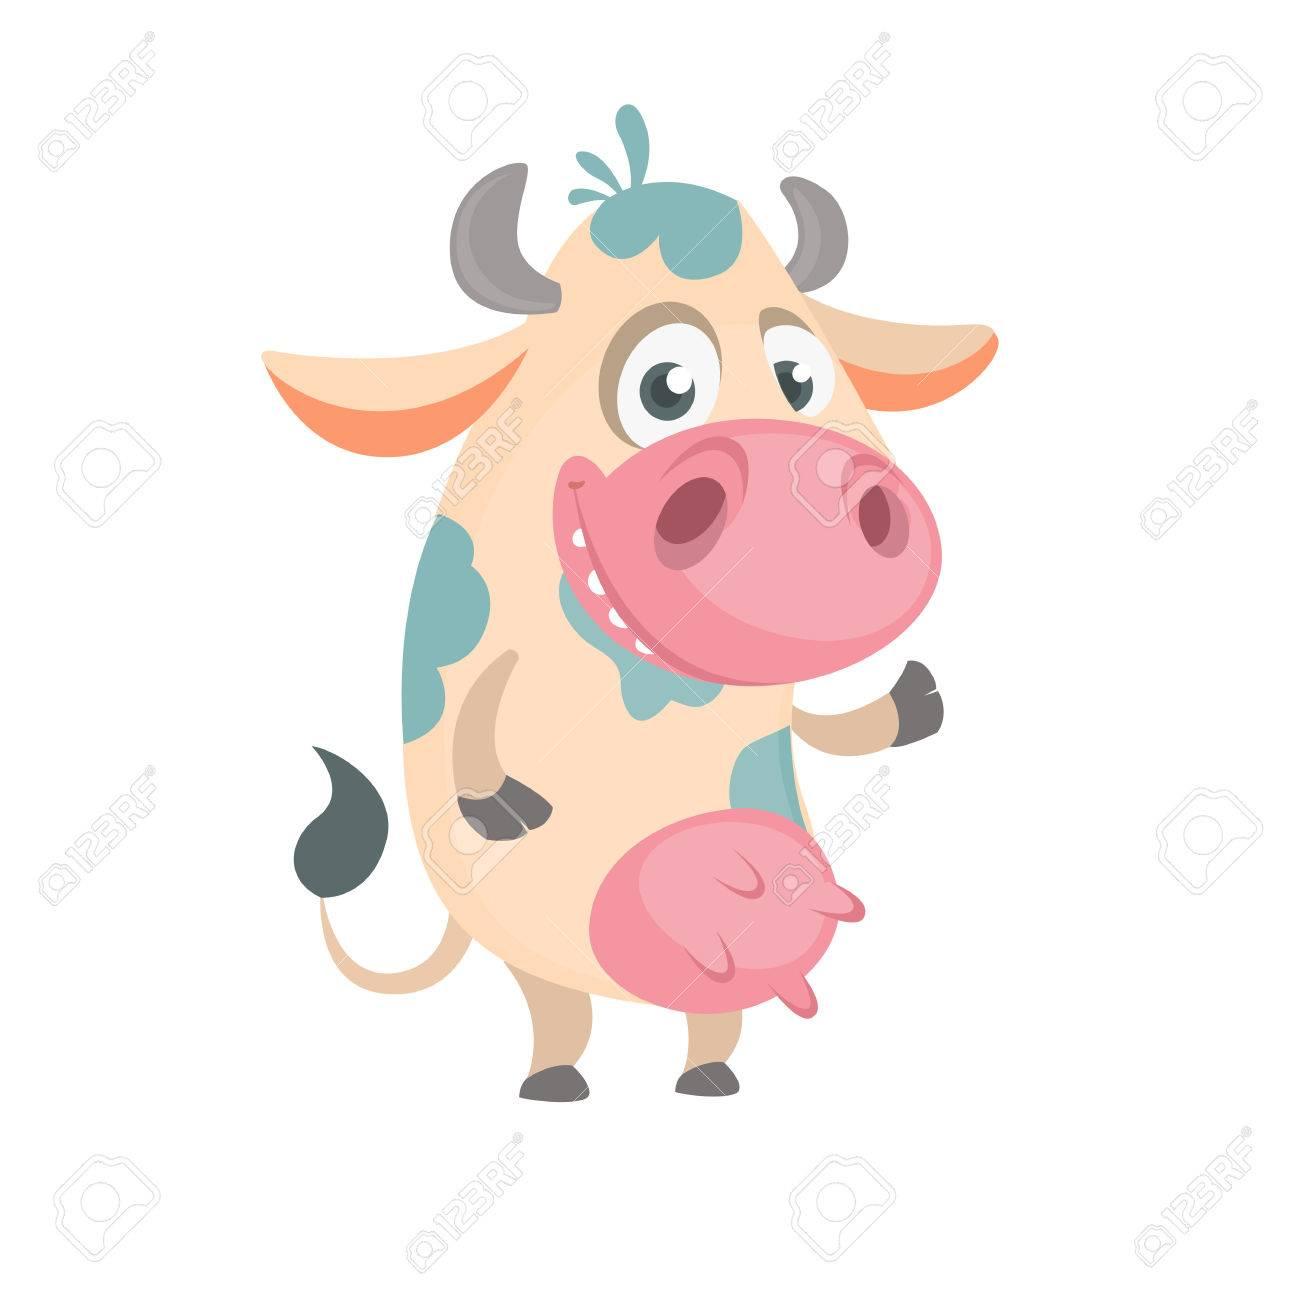 Dessin Anime Mignon Vache Tachetee Blanche Debout Et Souriant Illustration Vectorielle D Une Mascotte D Icone De Vache Isolee Sur Fond Blanc Ideal